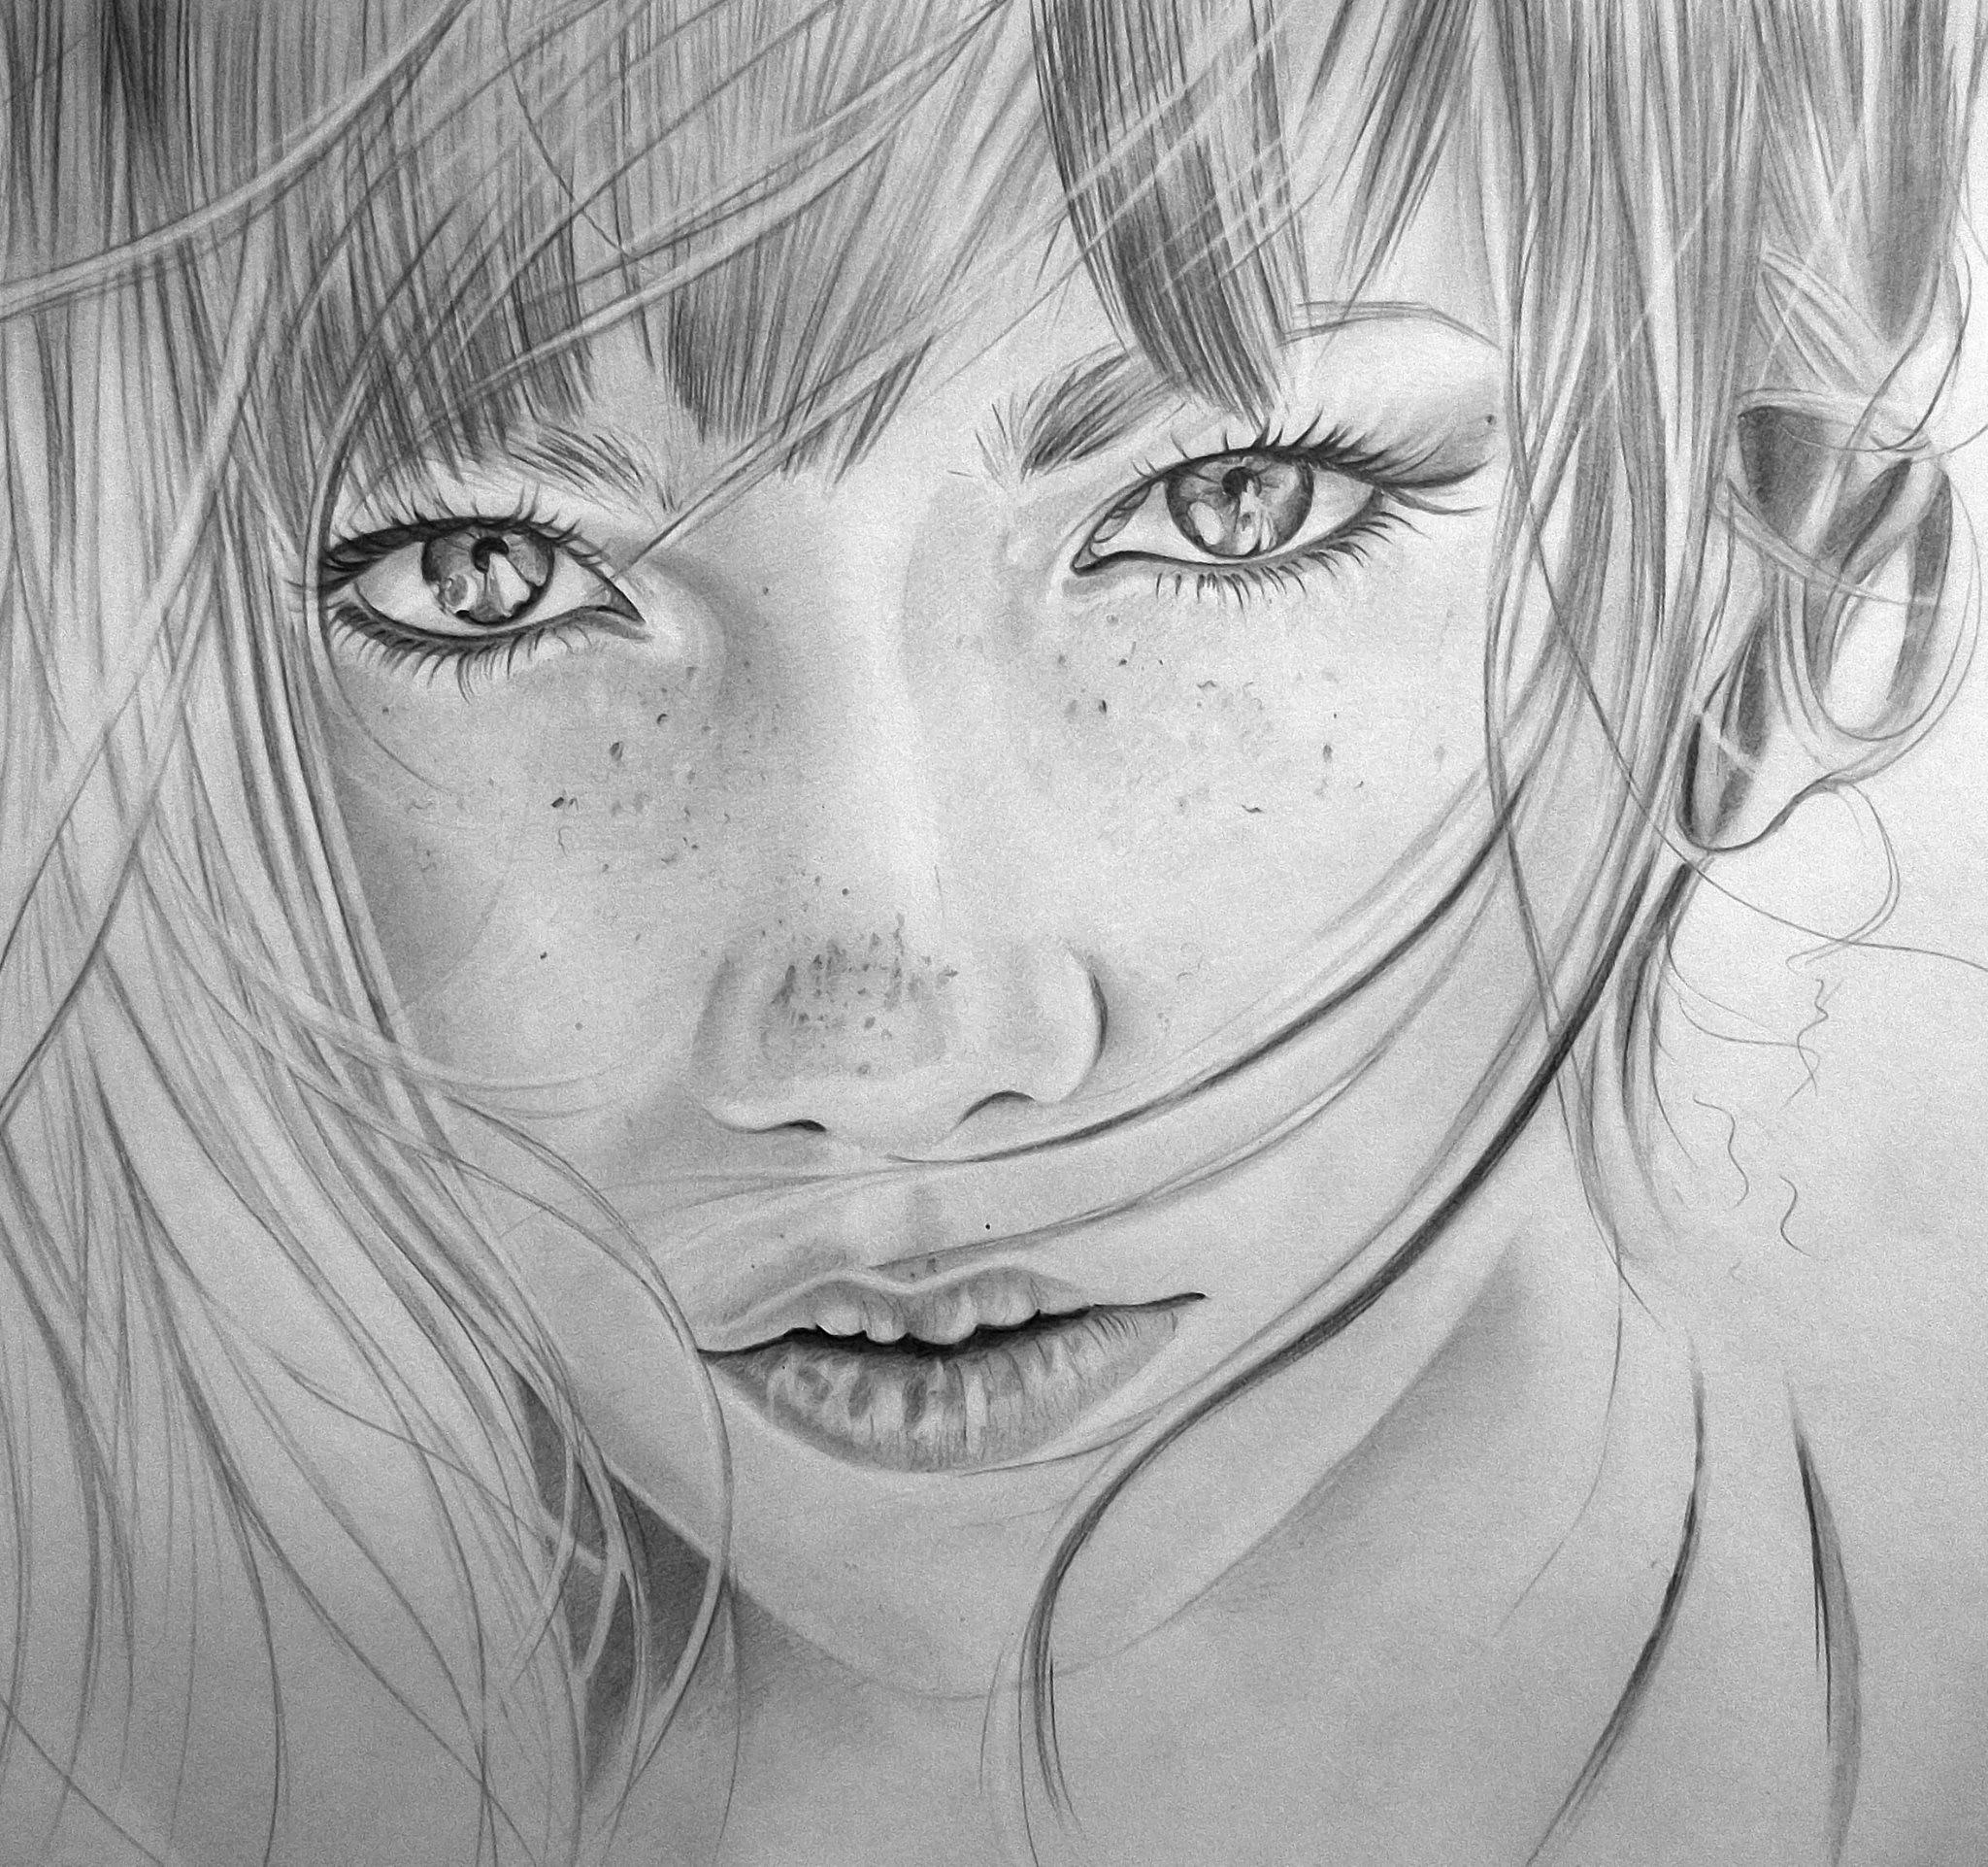 качественные рисунки карандашом